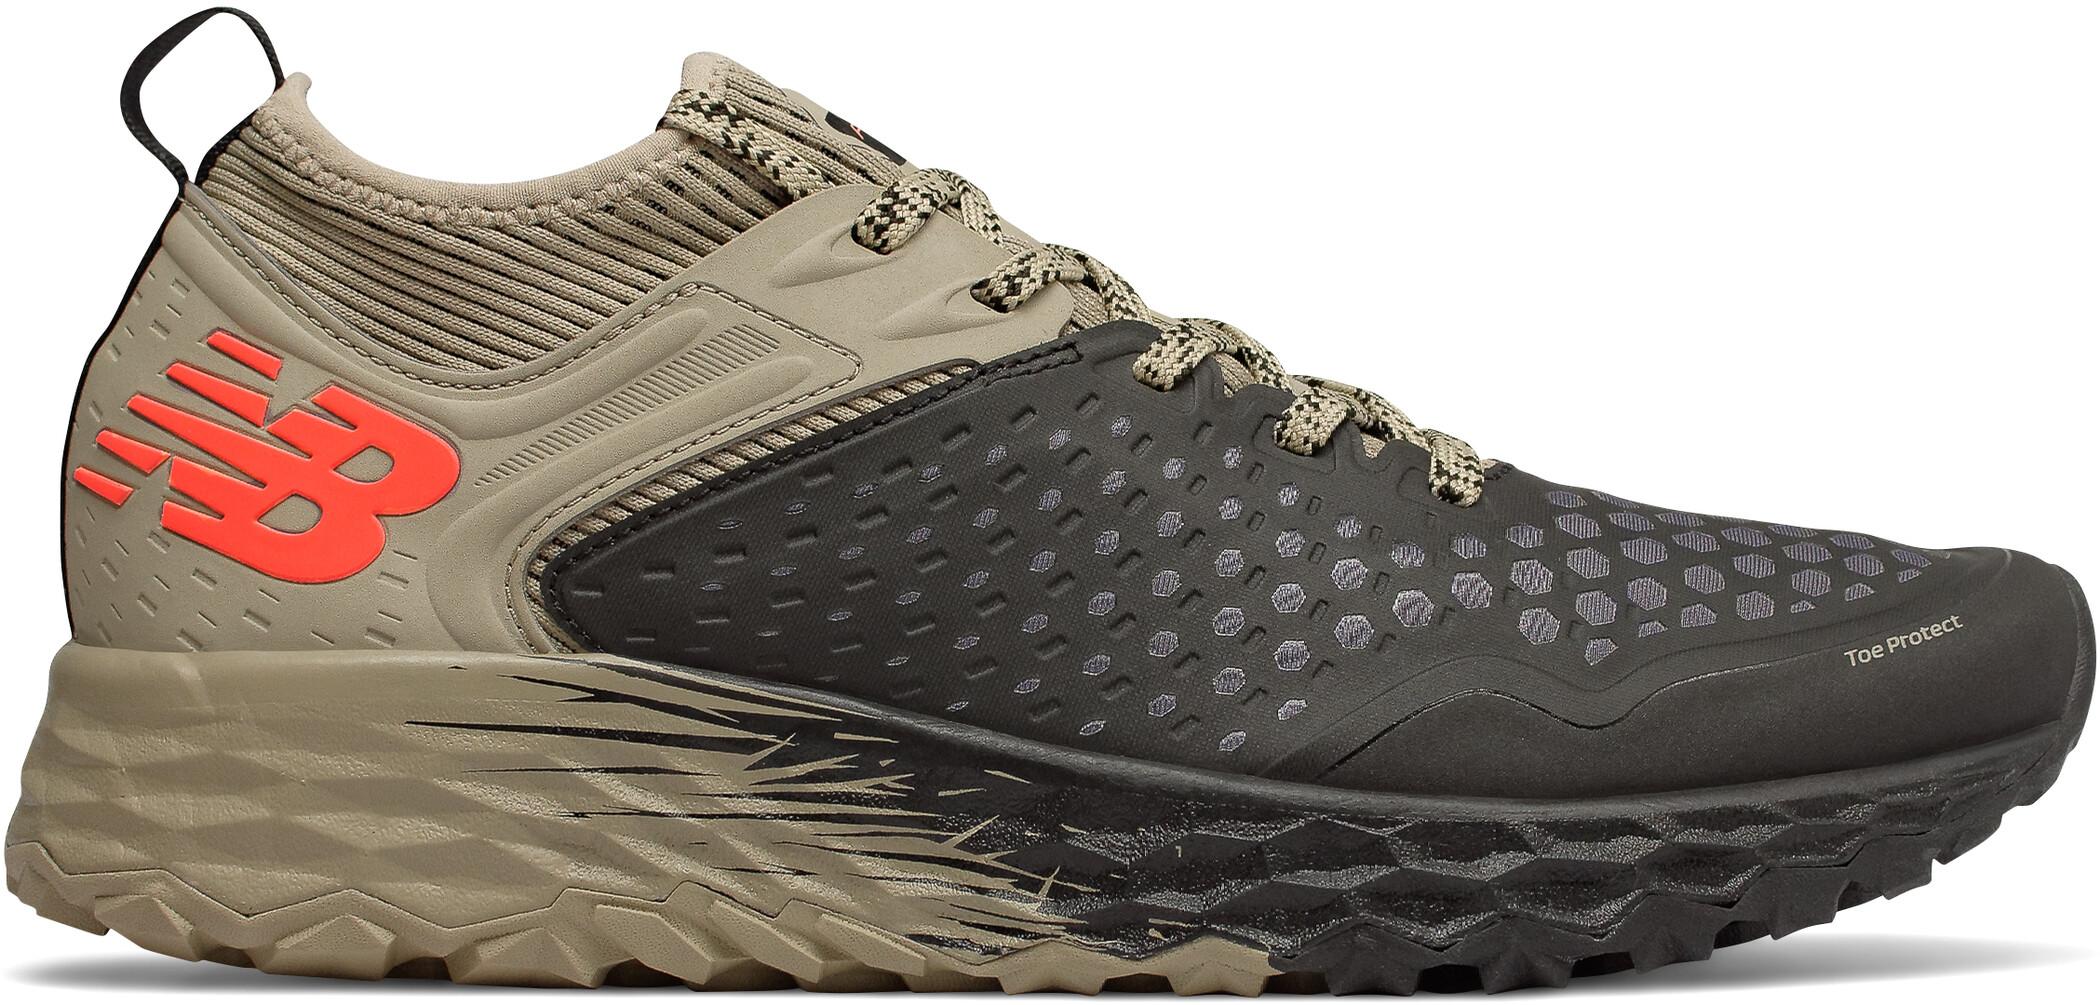 bc5da03af2 70er Angebote Besten • Die Schuhe Online Kaufen Plateau 0ymP8wONvn